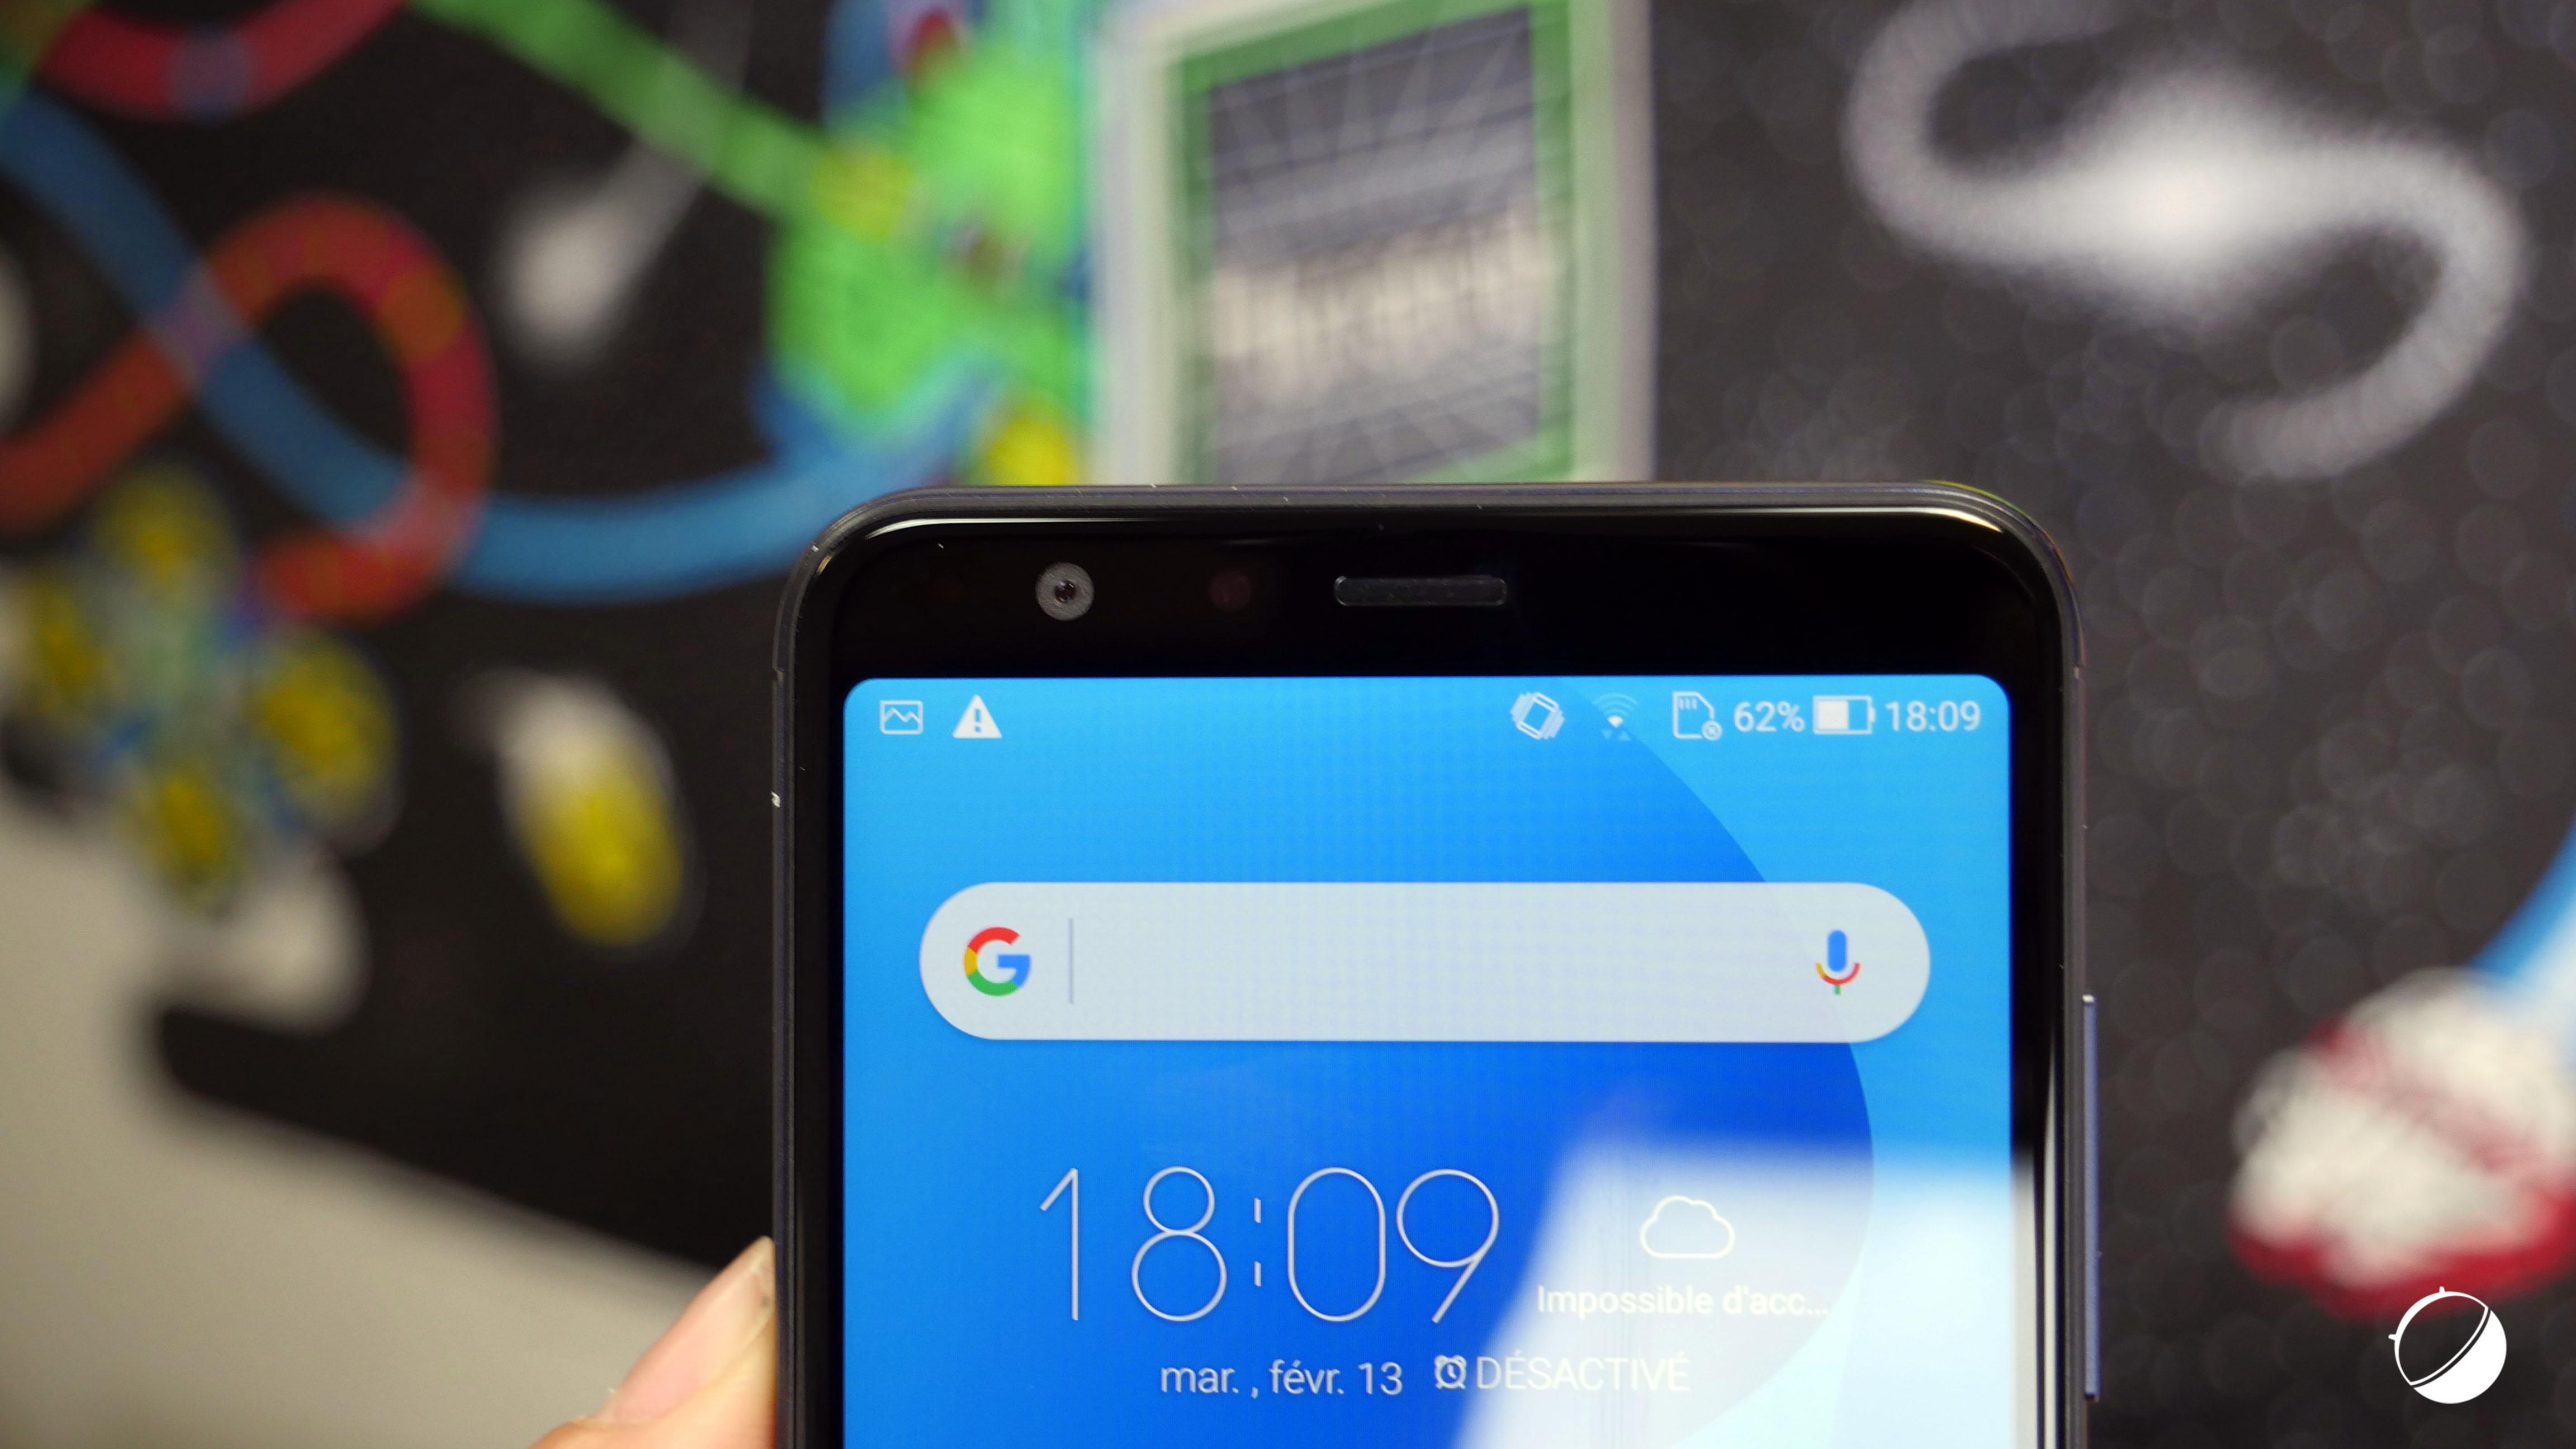 Unboxing du Asus Zenfone Max Plus, grosse autonomie pour petit budget !